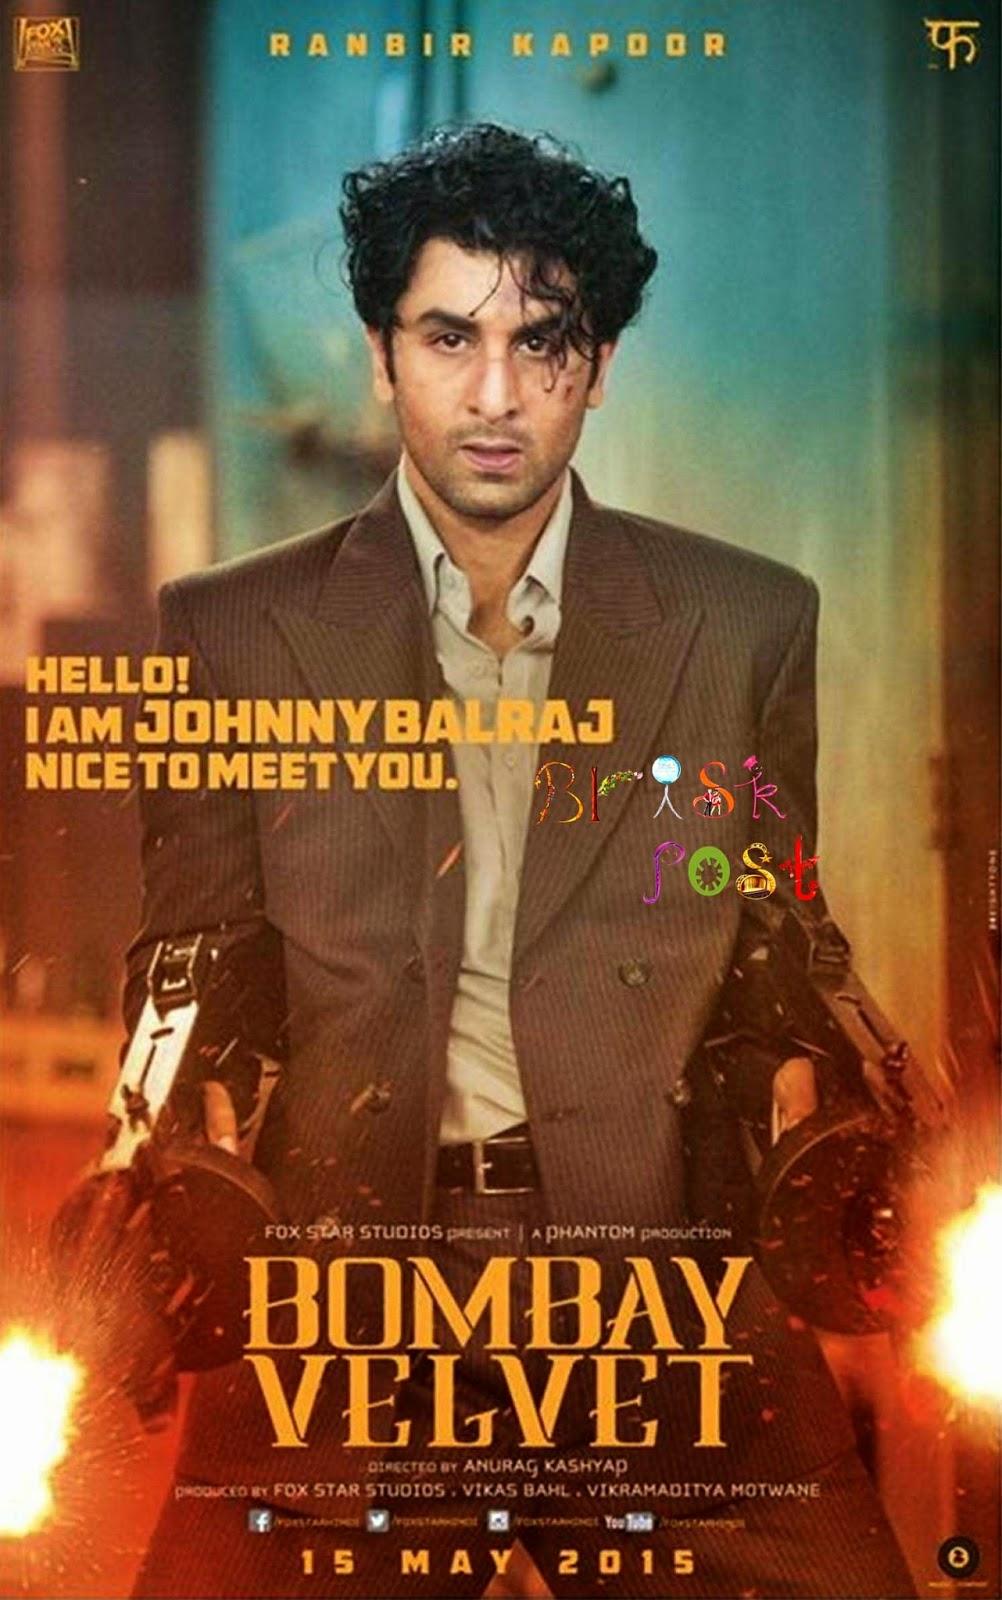 Ranbir Kapoor firing in Bombay Velvet movie poster